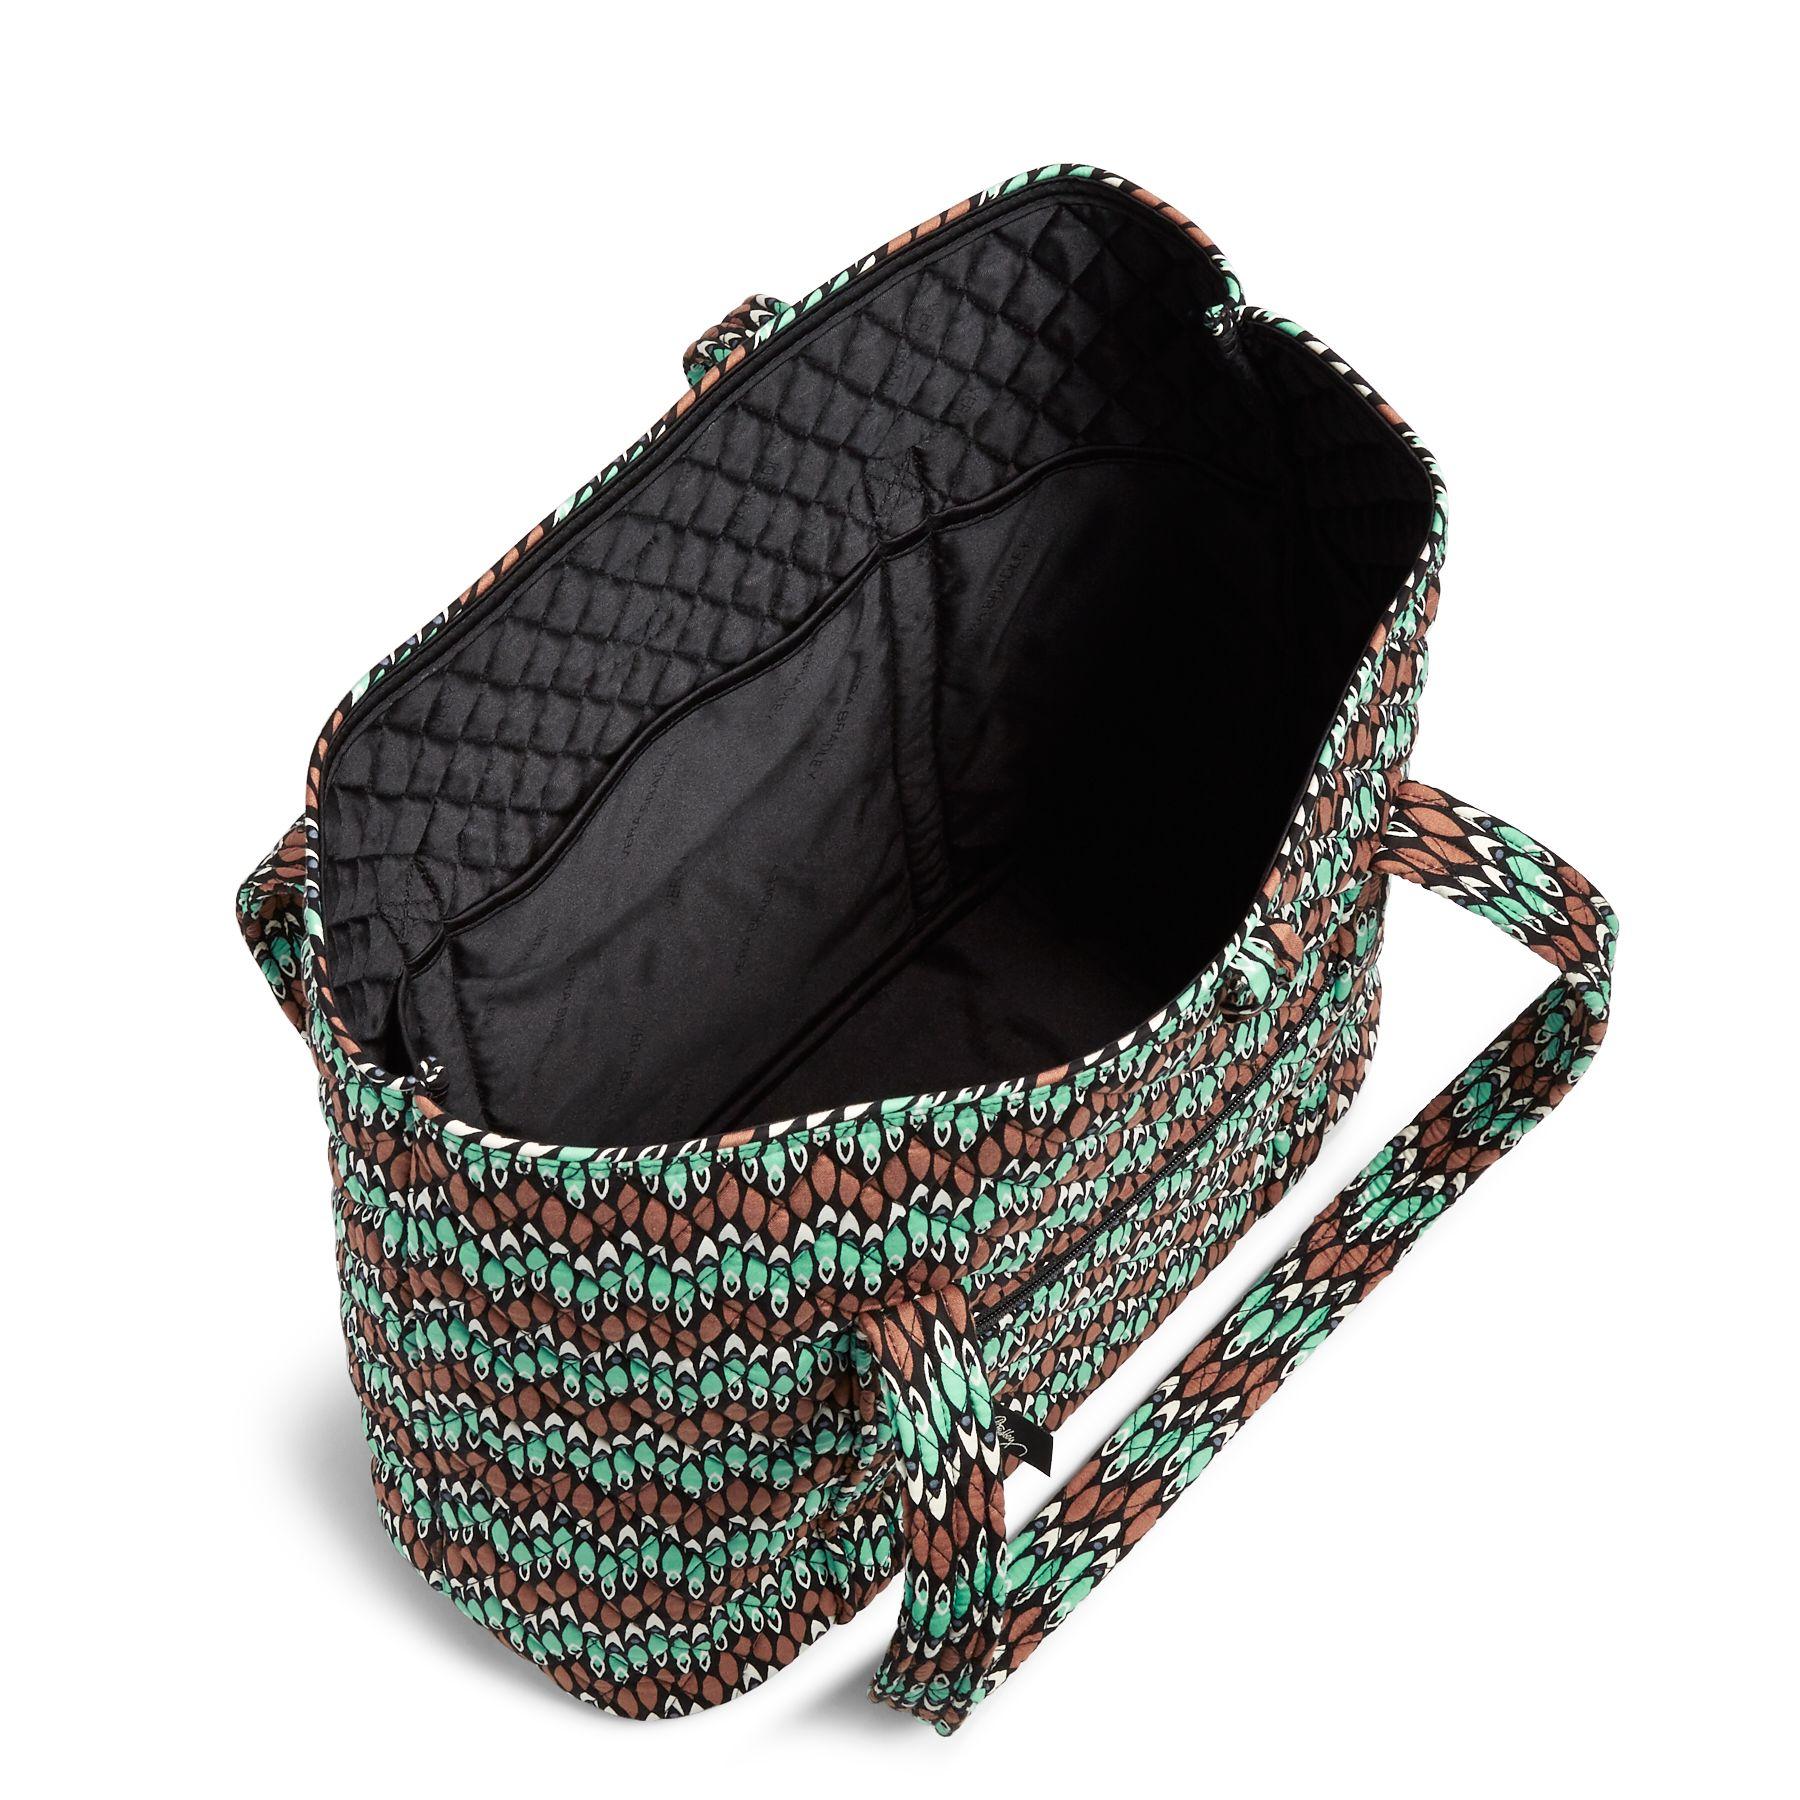 Vera Bradley Factory Exclusive Vera Tote Bag Ebay